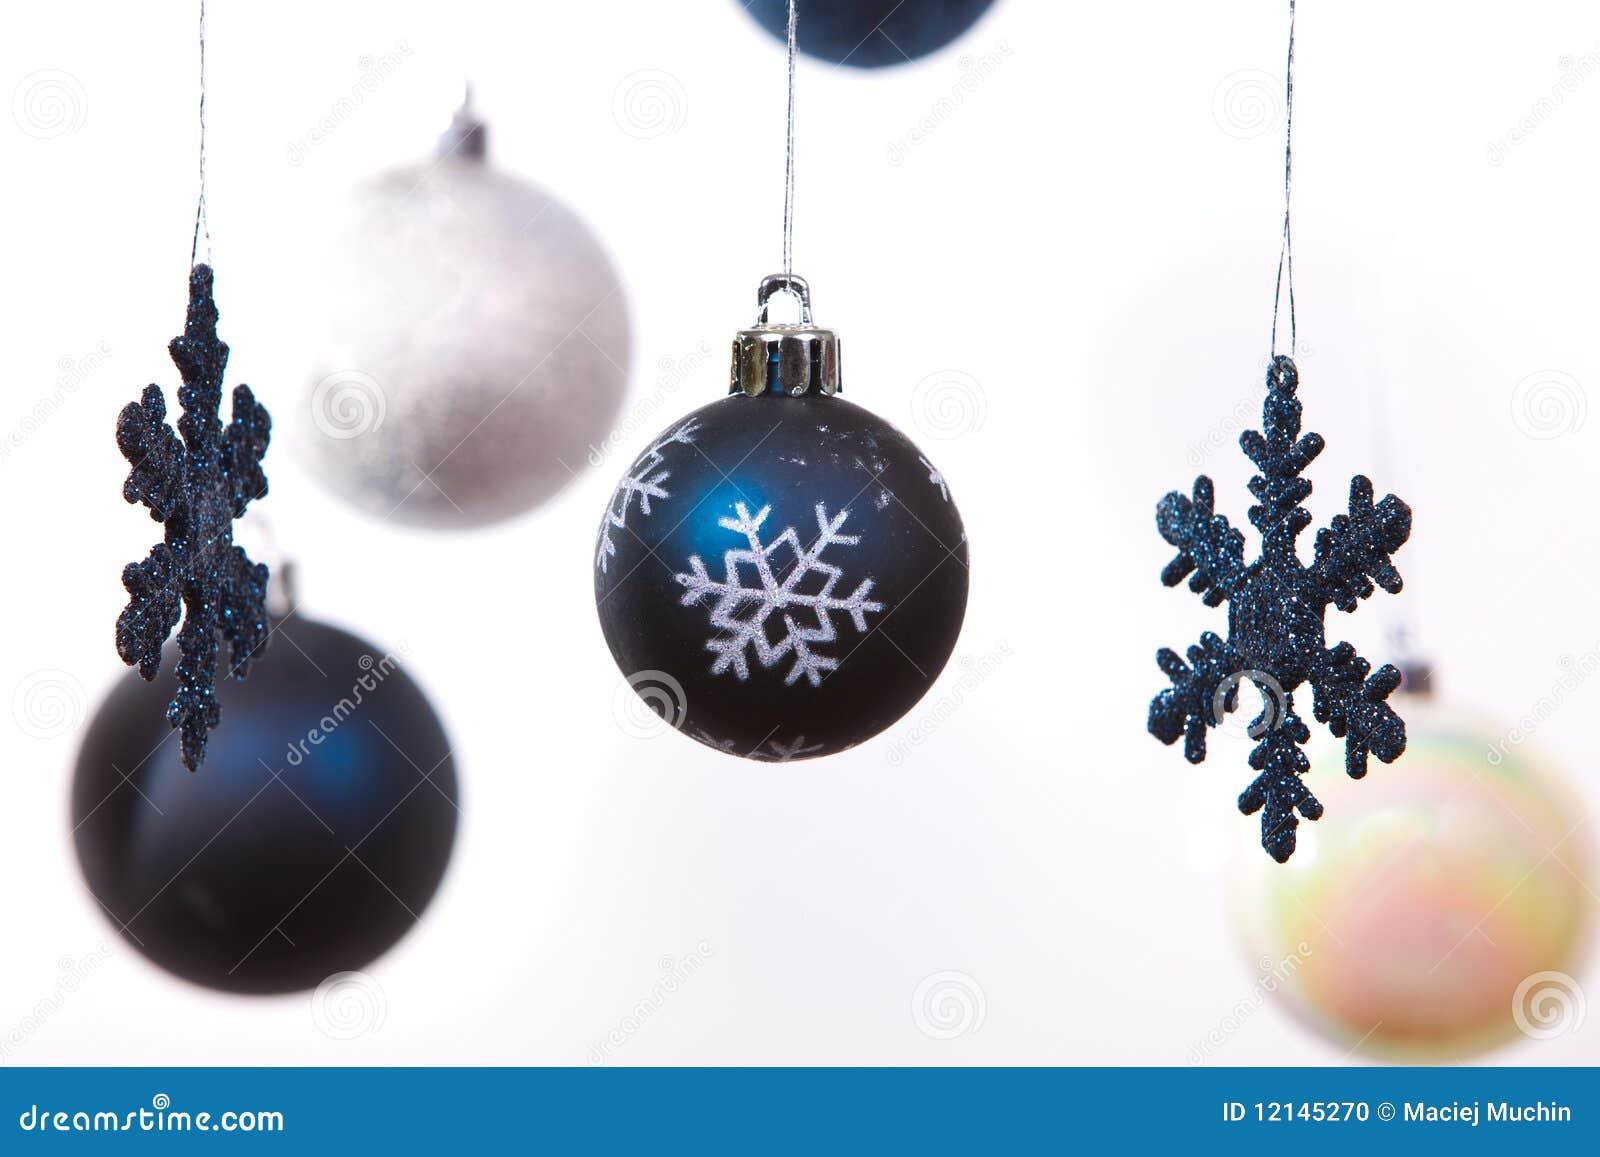 wei silber und blaue weihnachtskugeln stockfoto bild. Black Bedroom Furniture Sets. Home Design Ideas